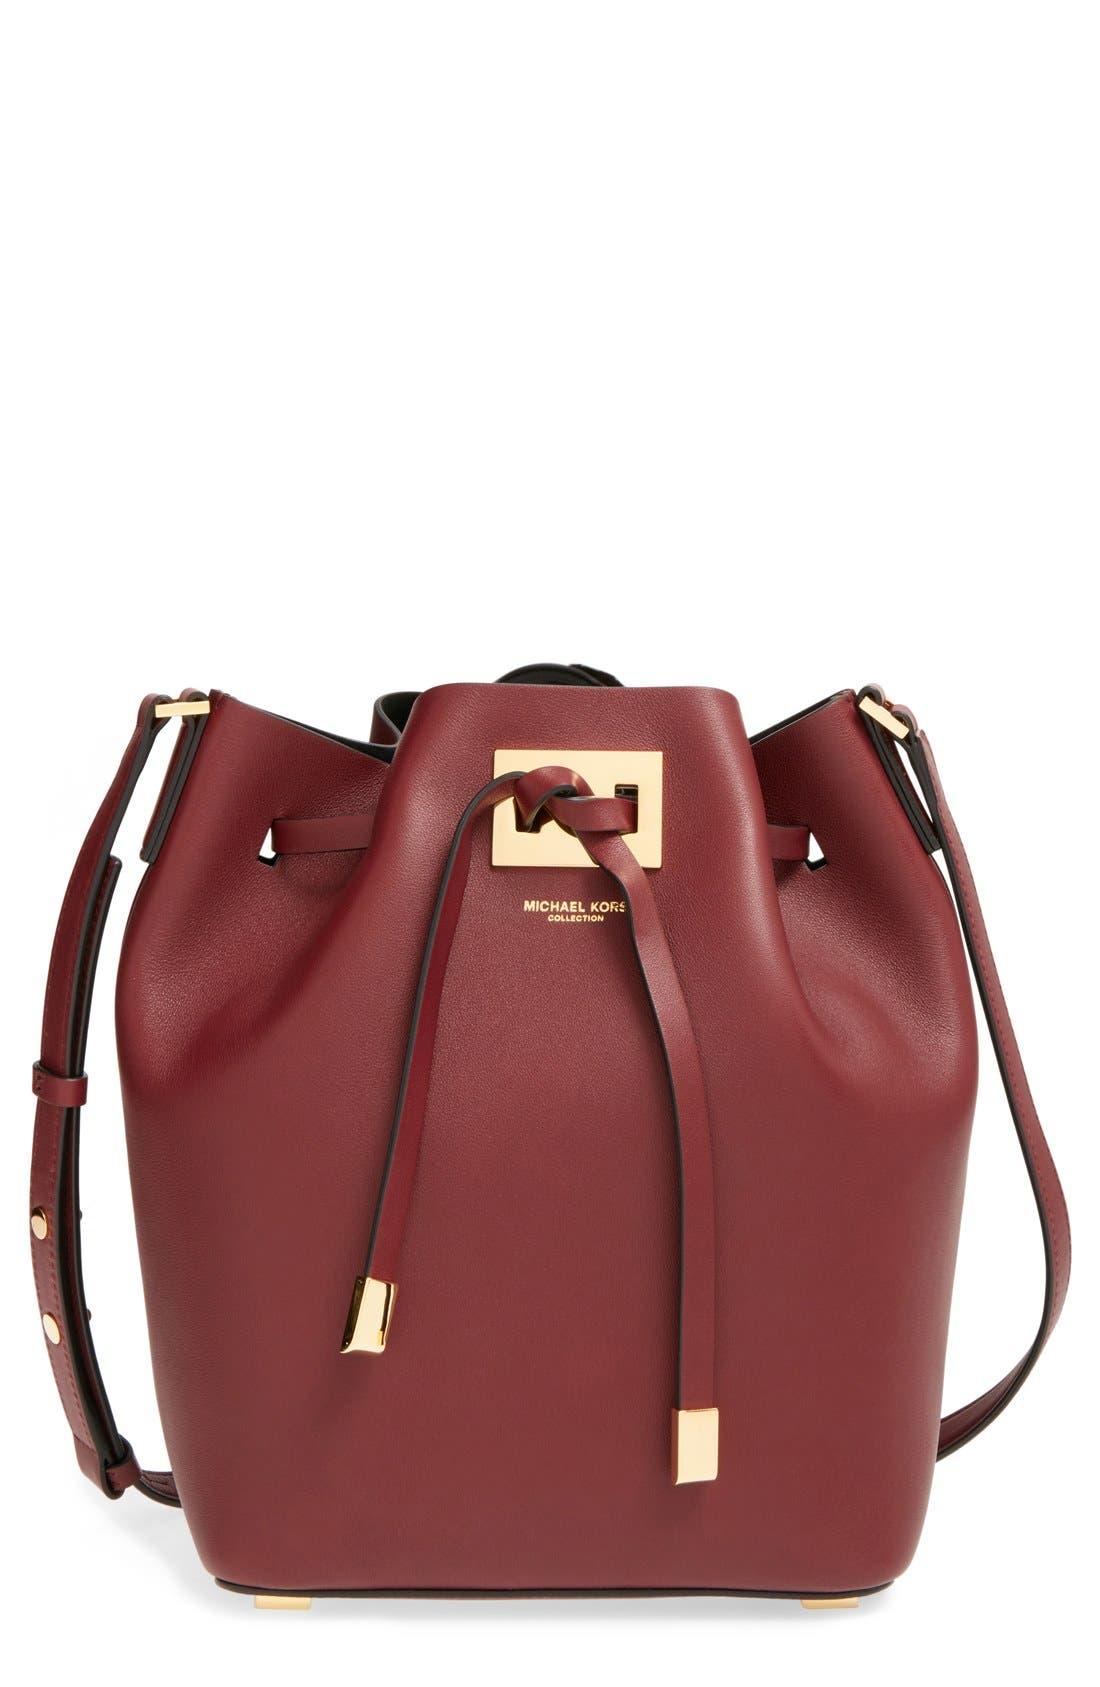 Main Image - Michael Kors 'Medium Miranda' Bucket Bag